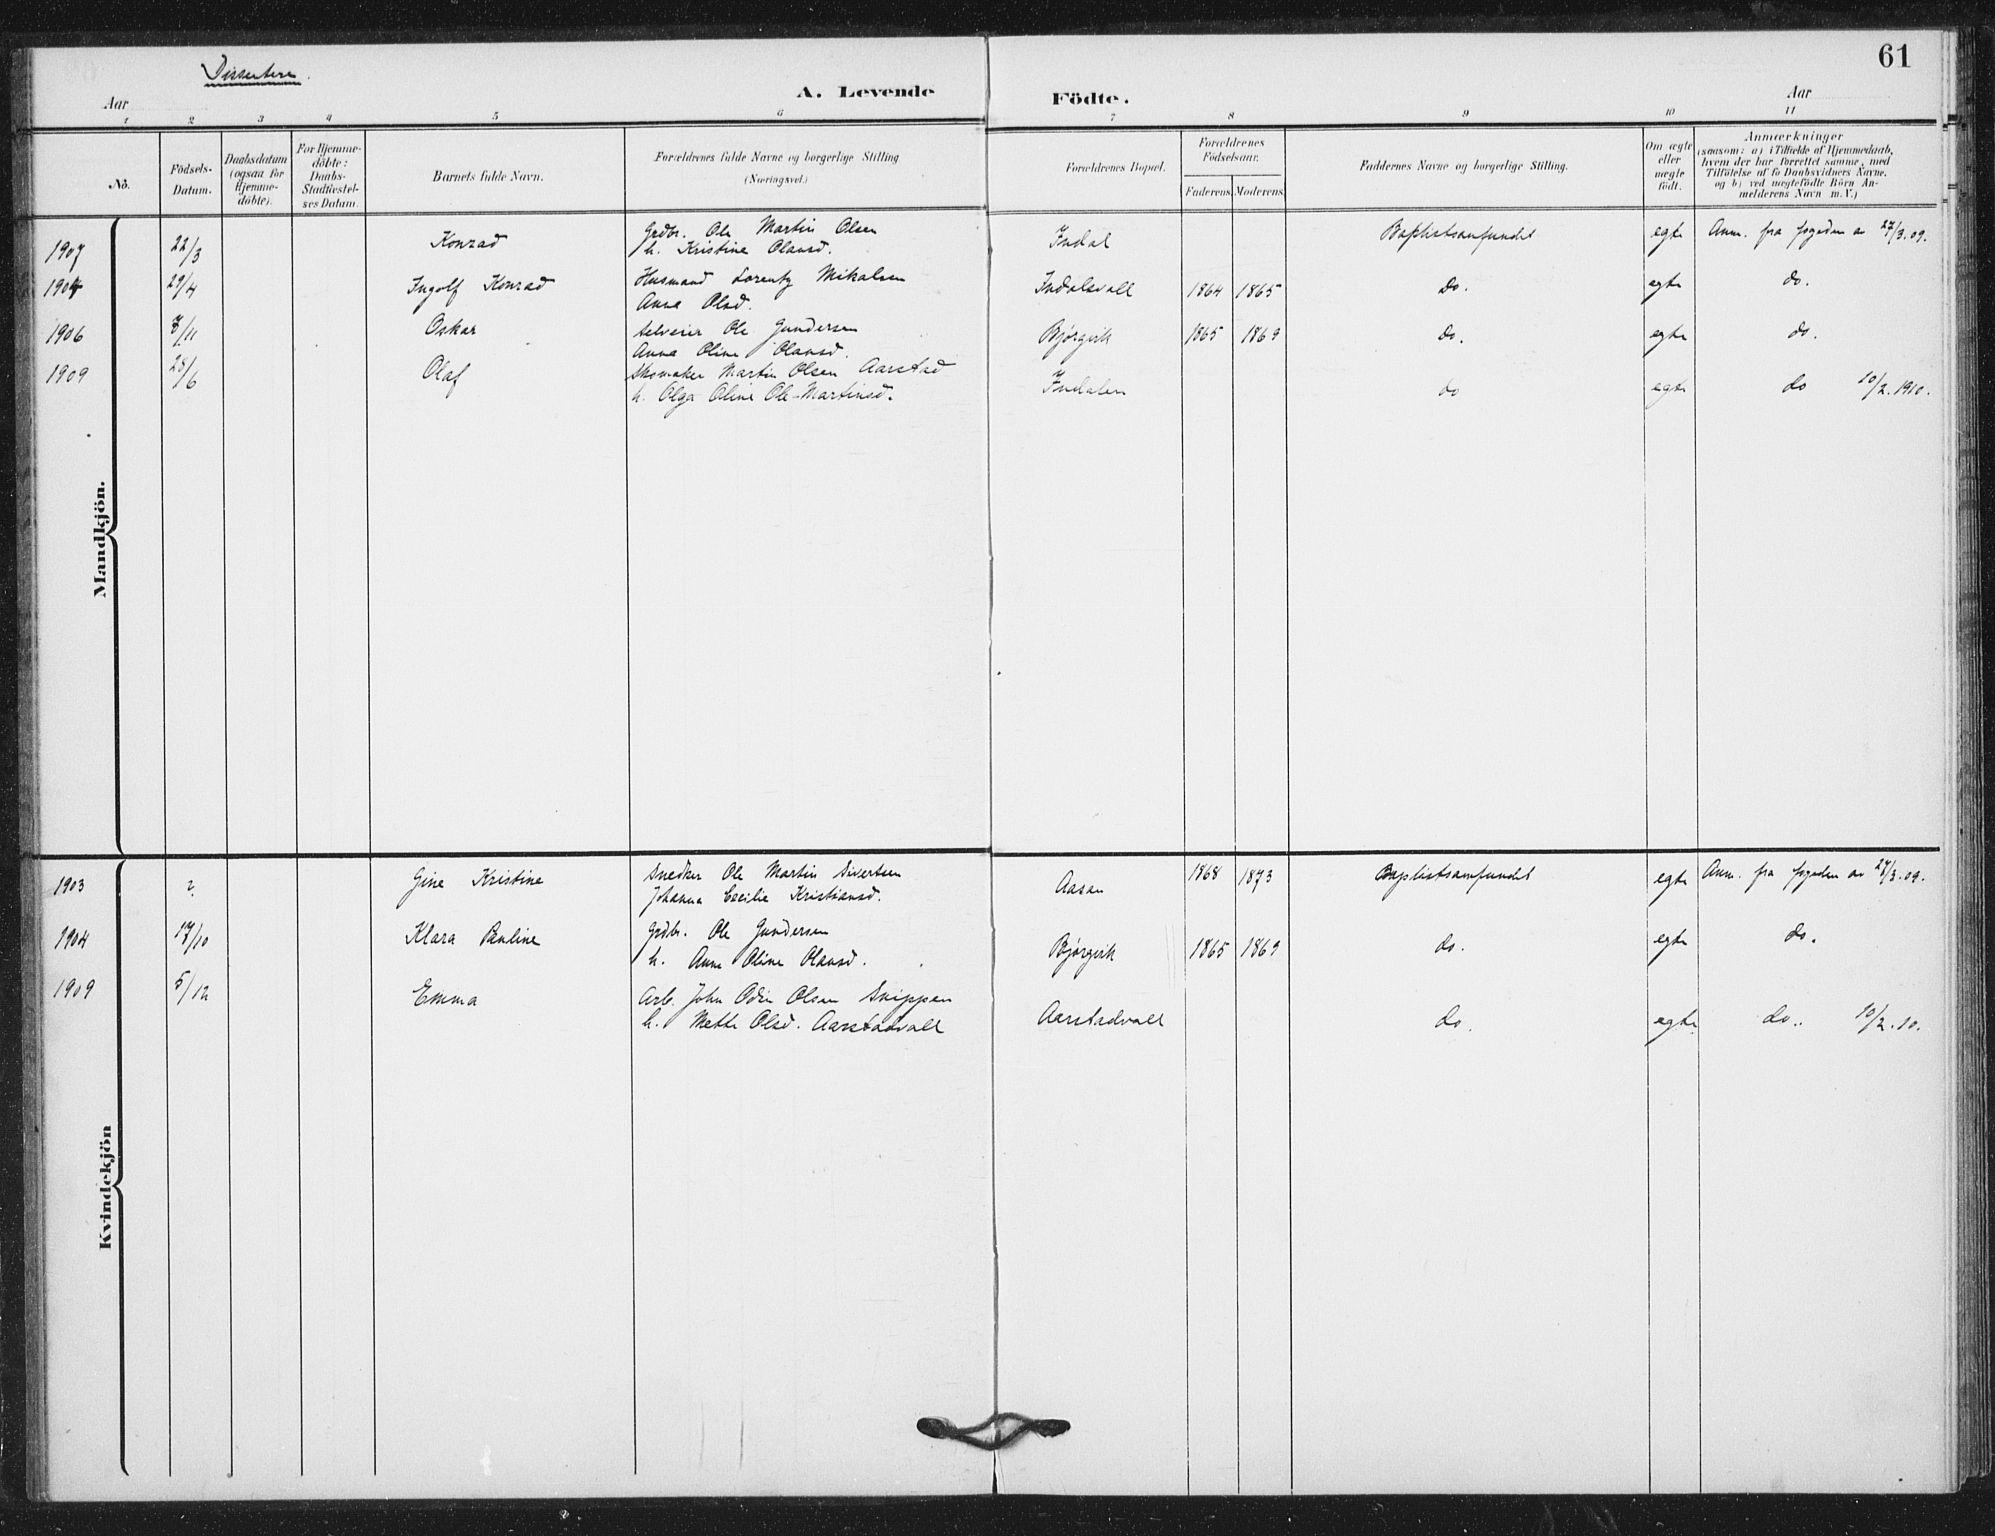 SAT, Ministerialprotokoller, klokkerbøker og fødselsregistre - Nord-Trøndelag, 724/L0264: Ministerialbok nr. 724A02, 1908-1915, s. 61